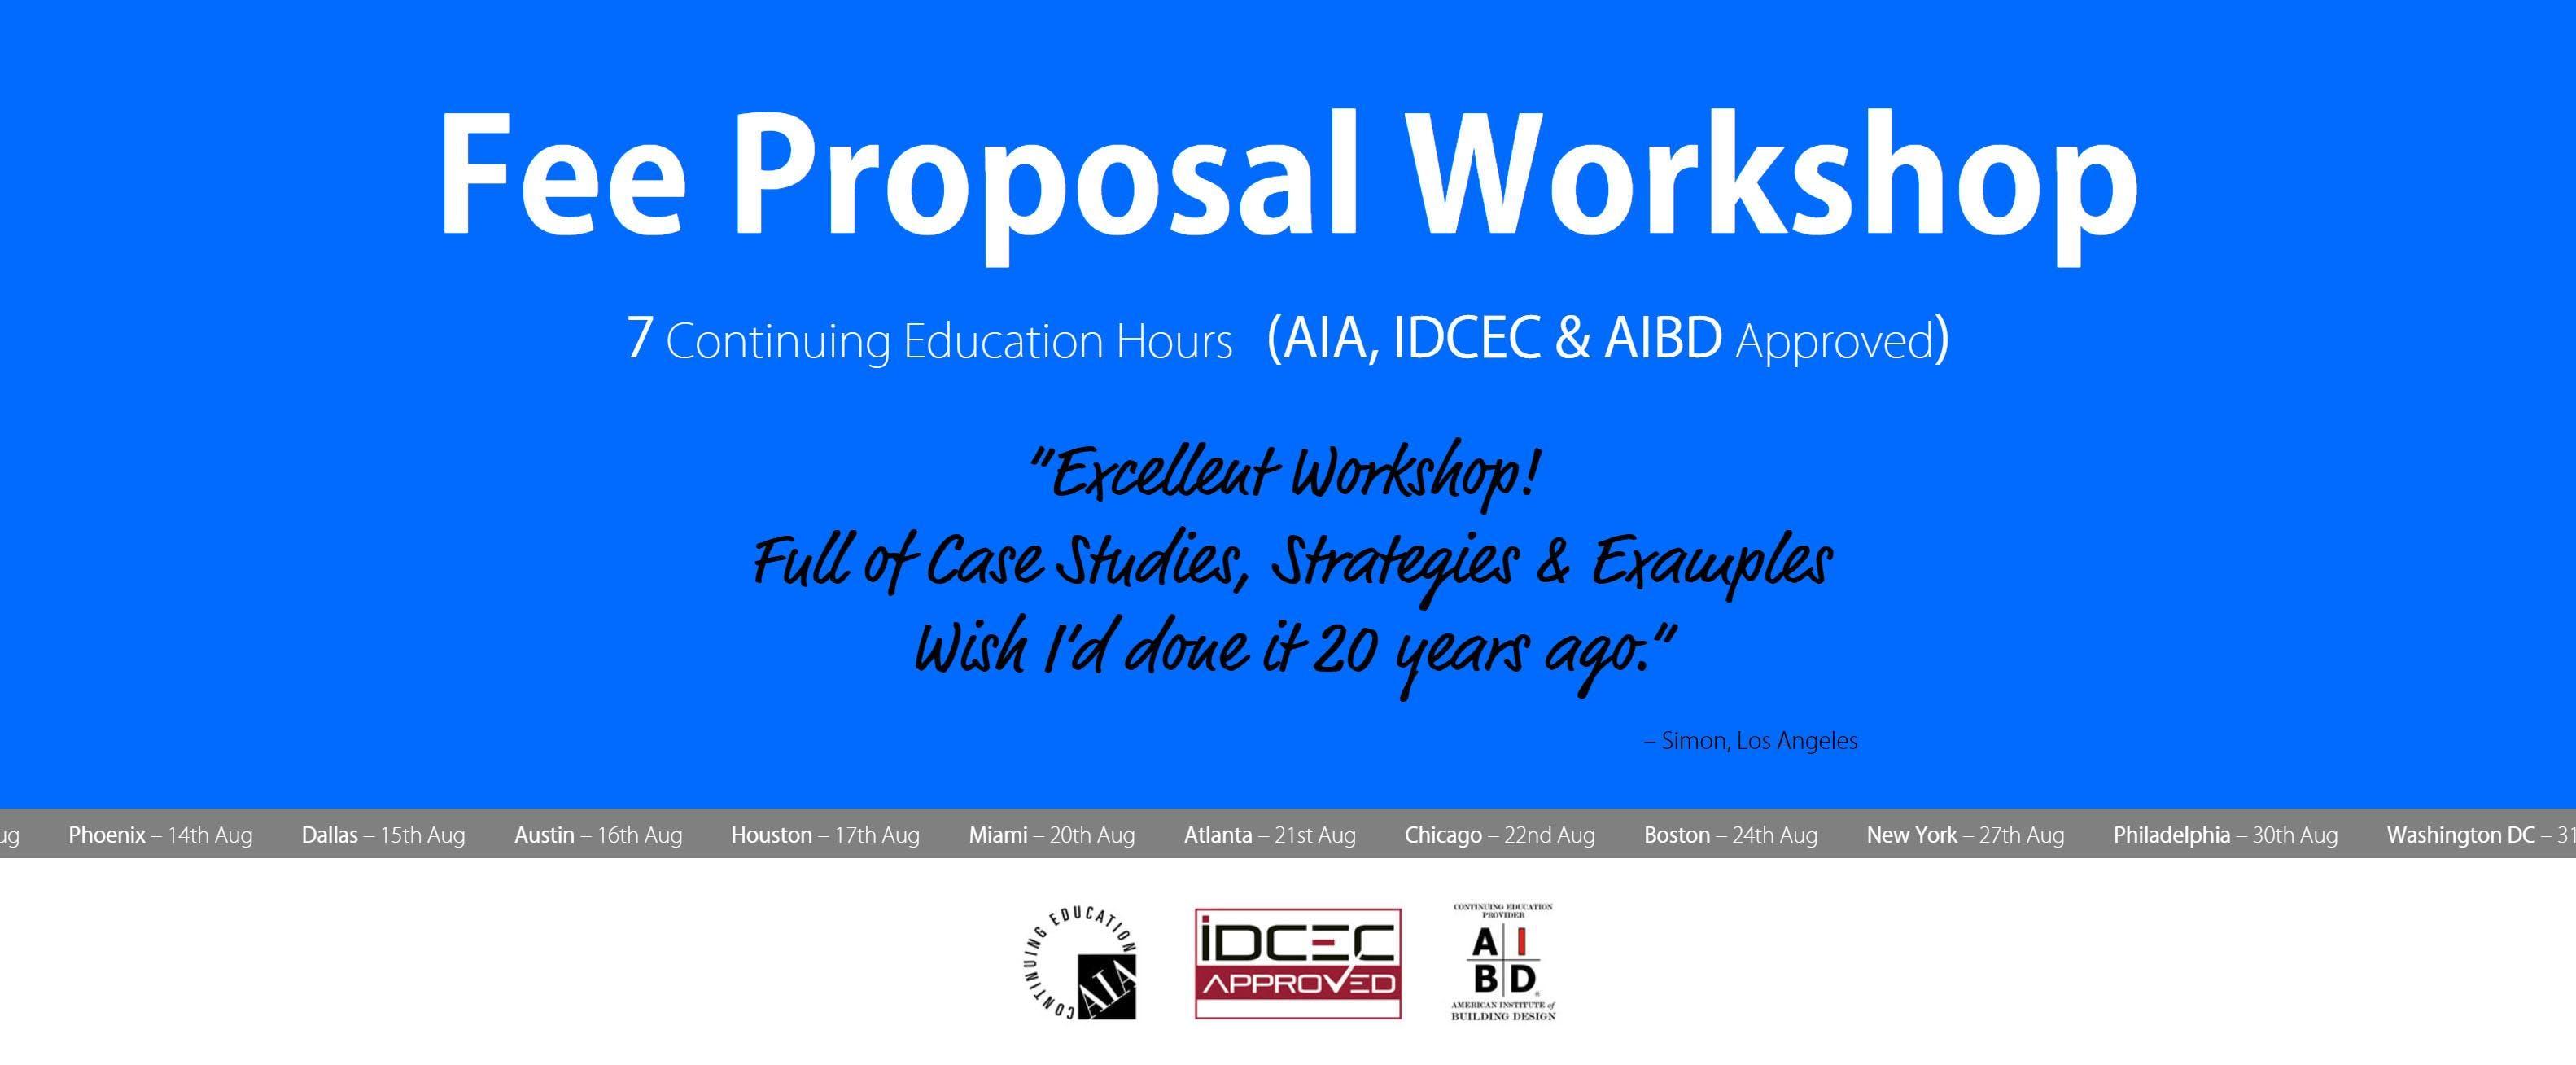 Seattle Fee Proposal Workshop